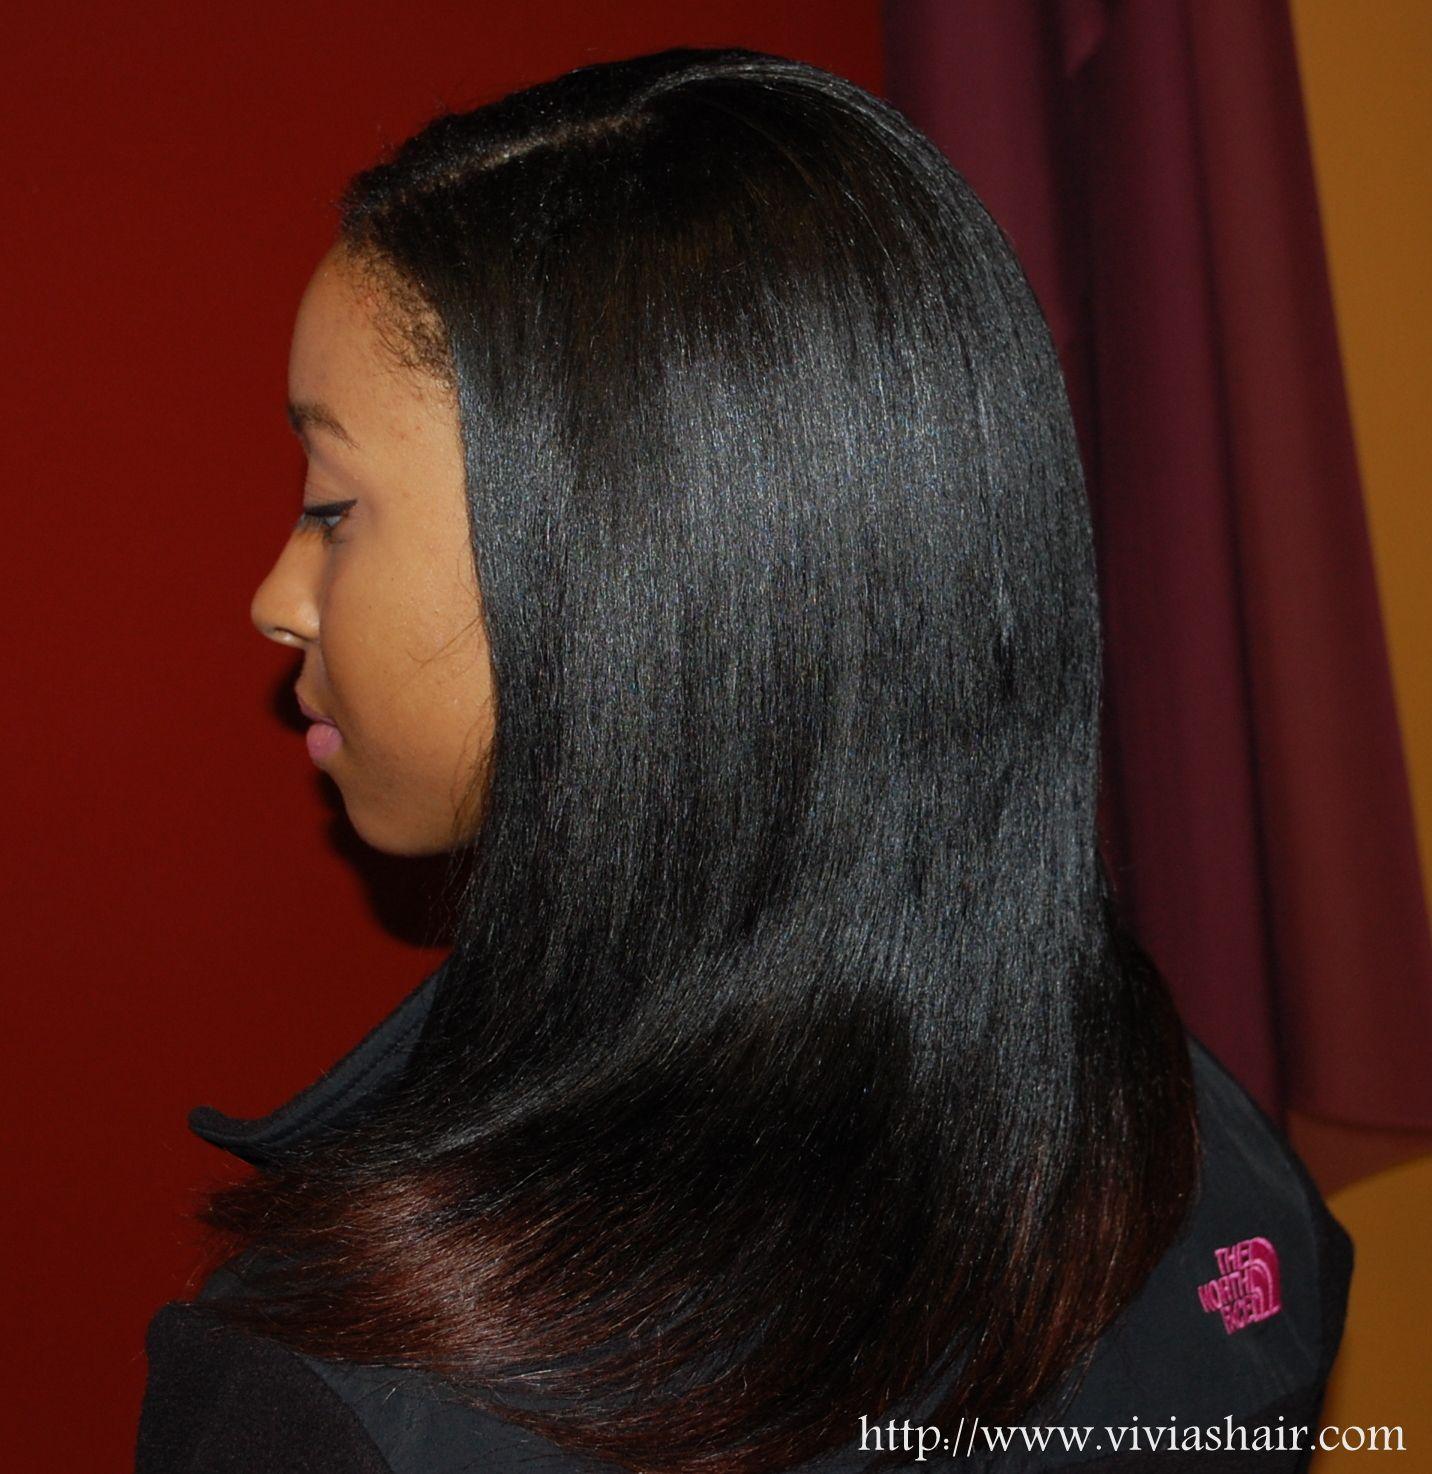 Hair Salon Woodbridge Va Hair Salon Mobile Hair Salon Va Natural